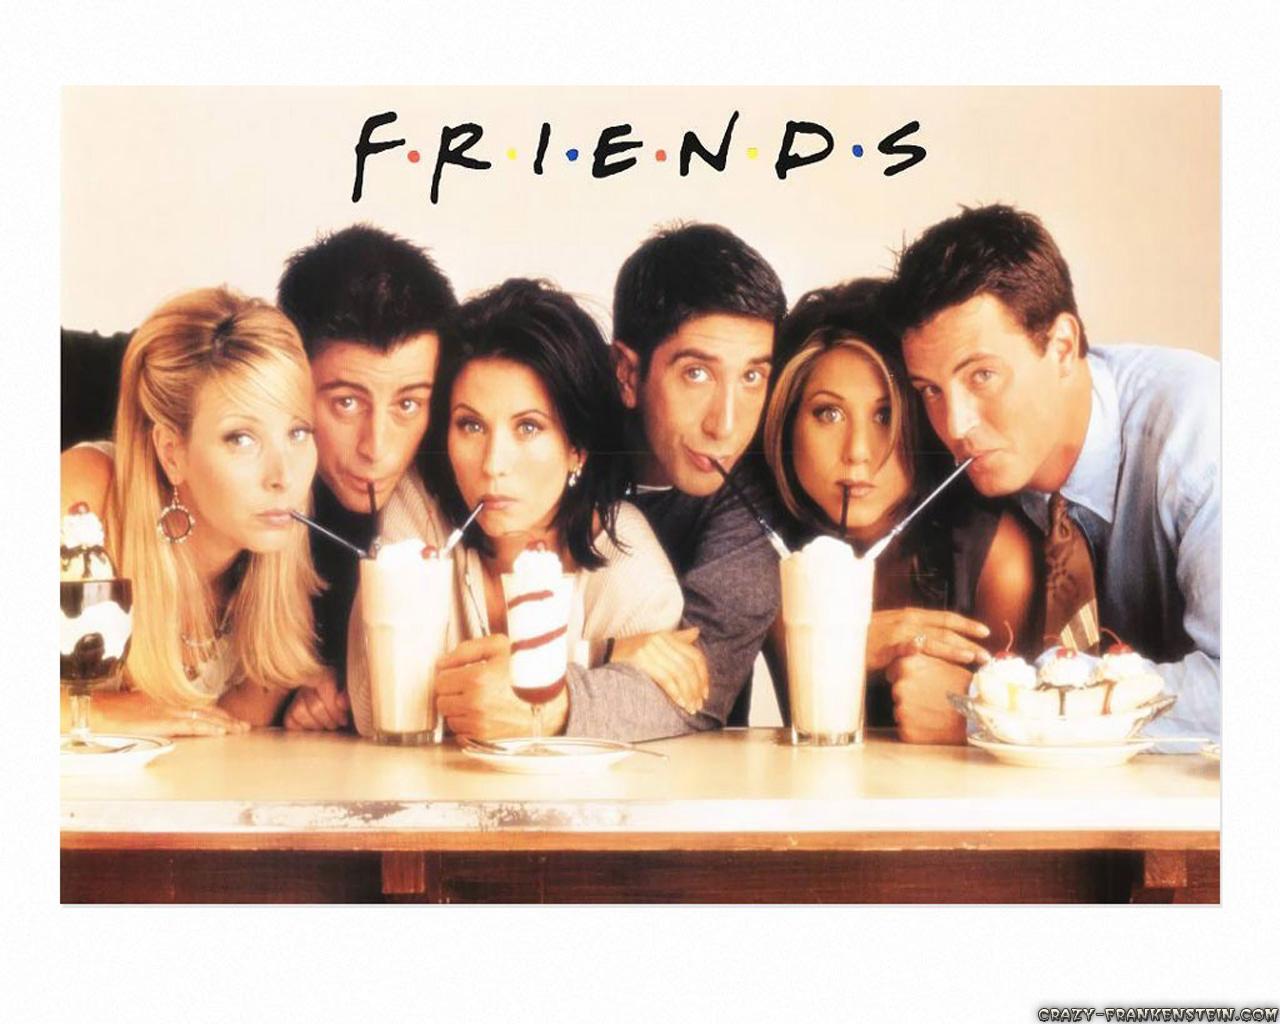 friends tv show wallpapers 1280x1024jpg 1280x1024